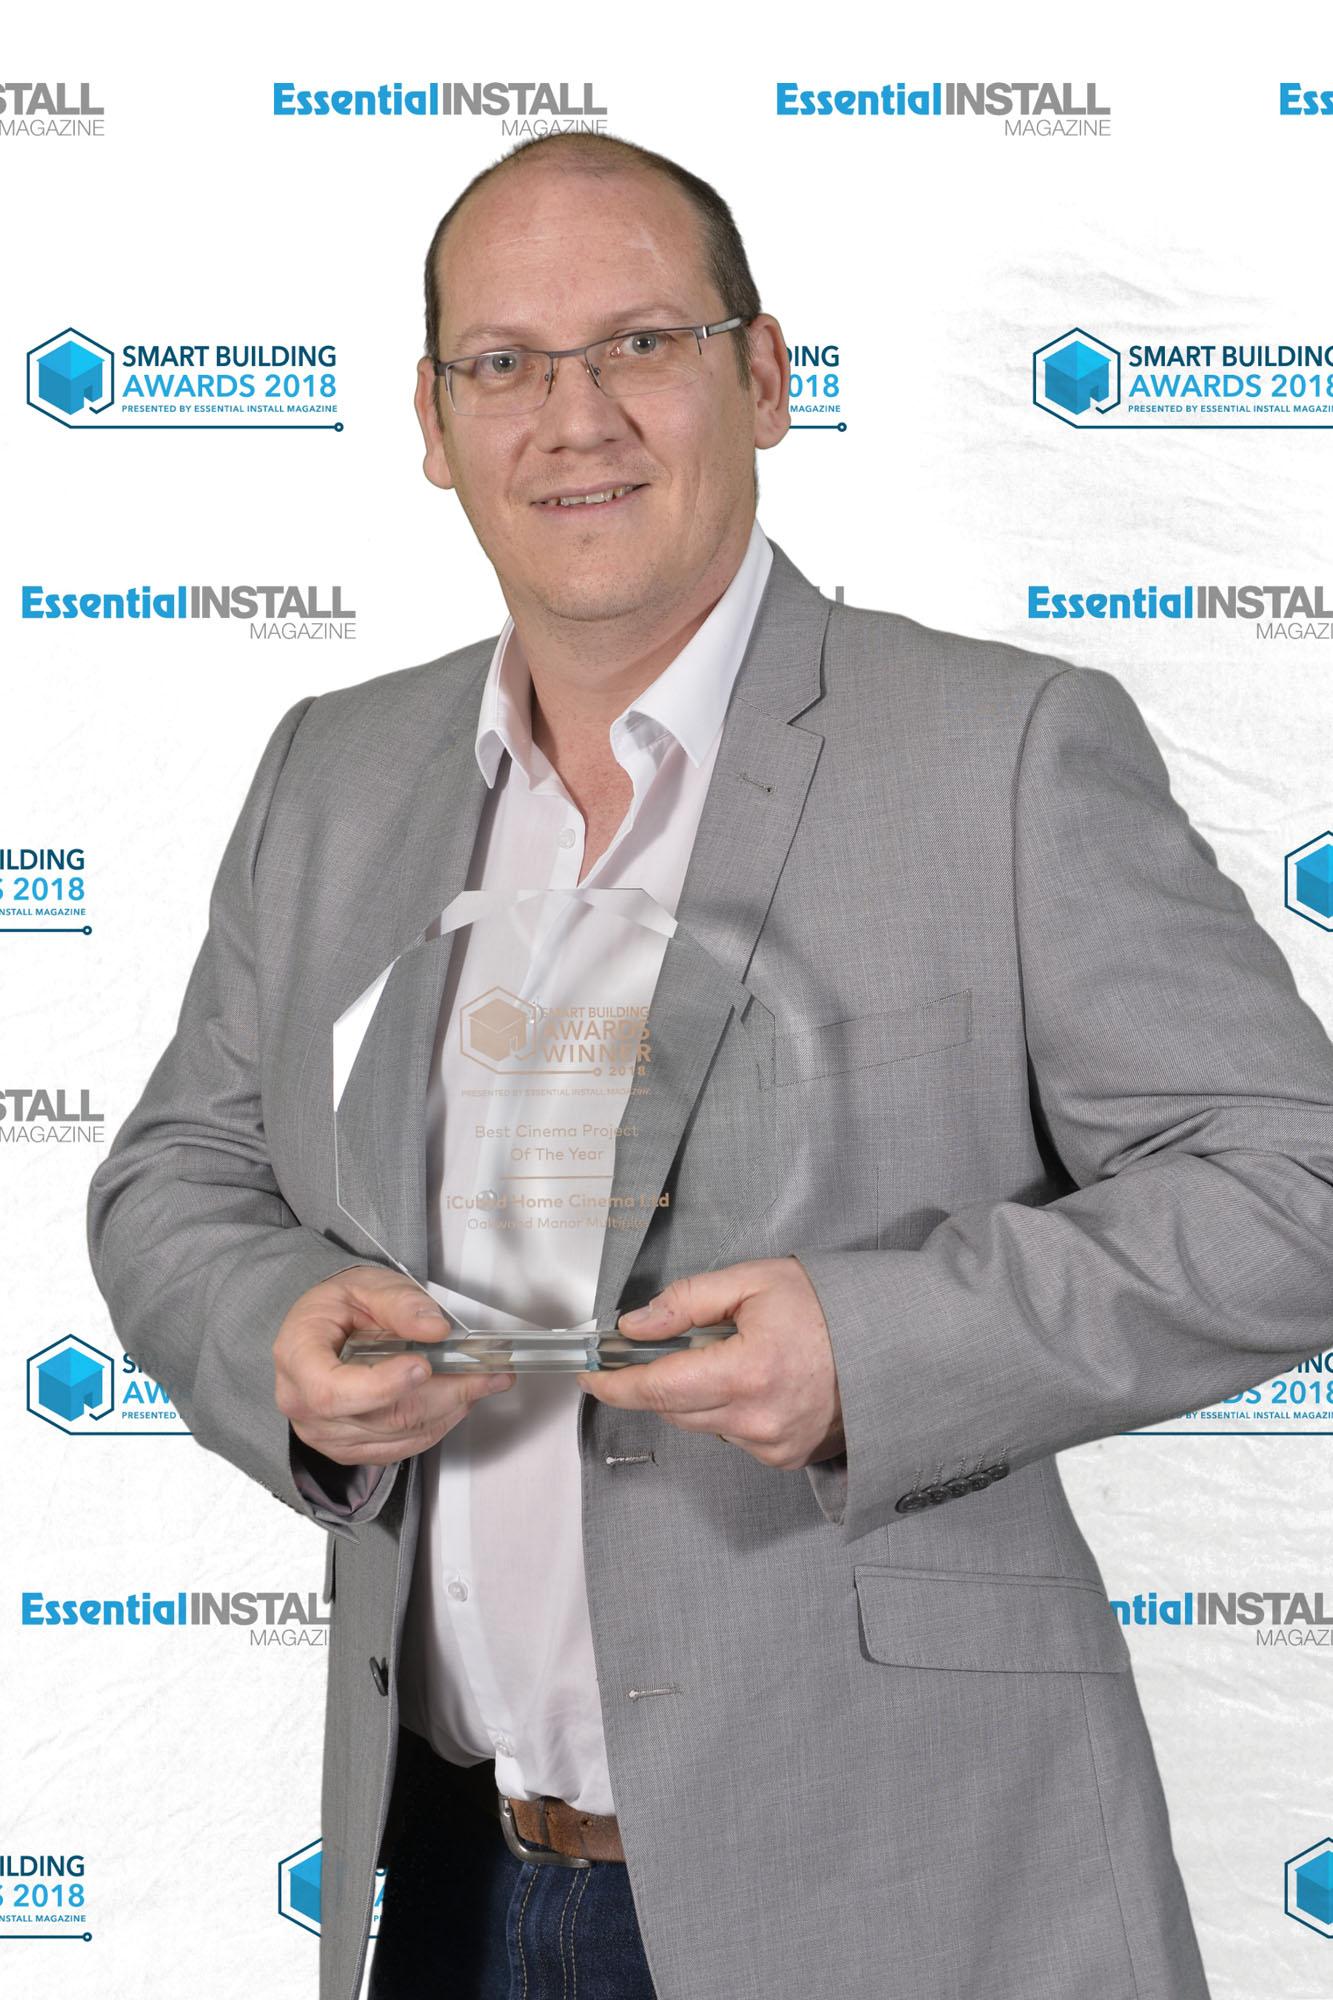 Smart_Building_Awards_2018_103.jpg